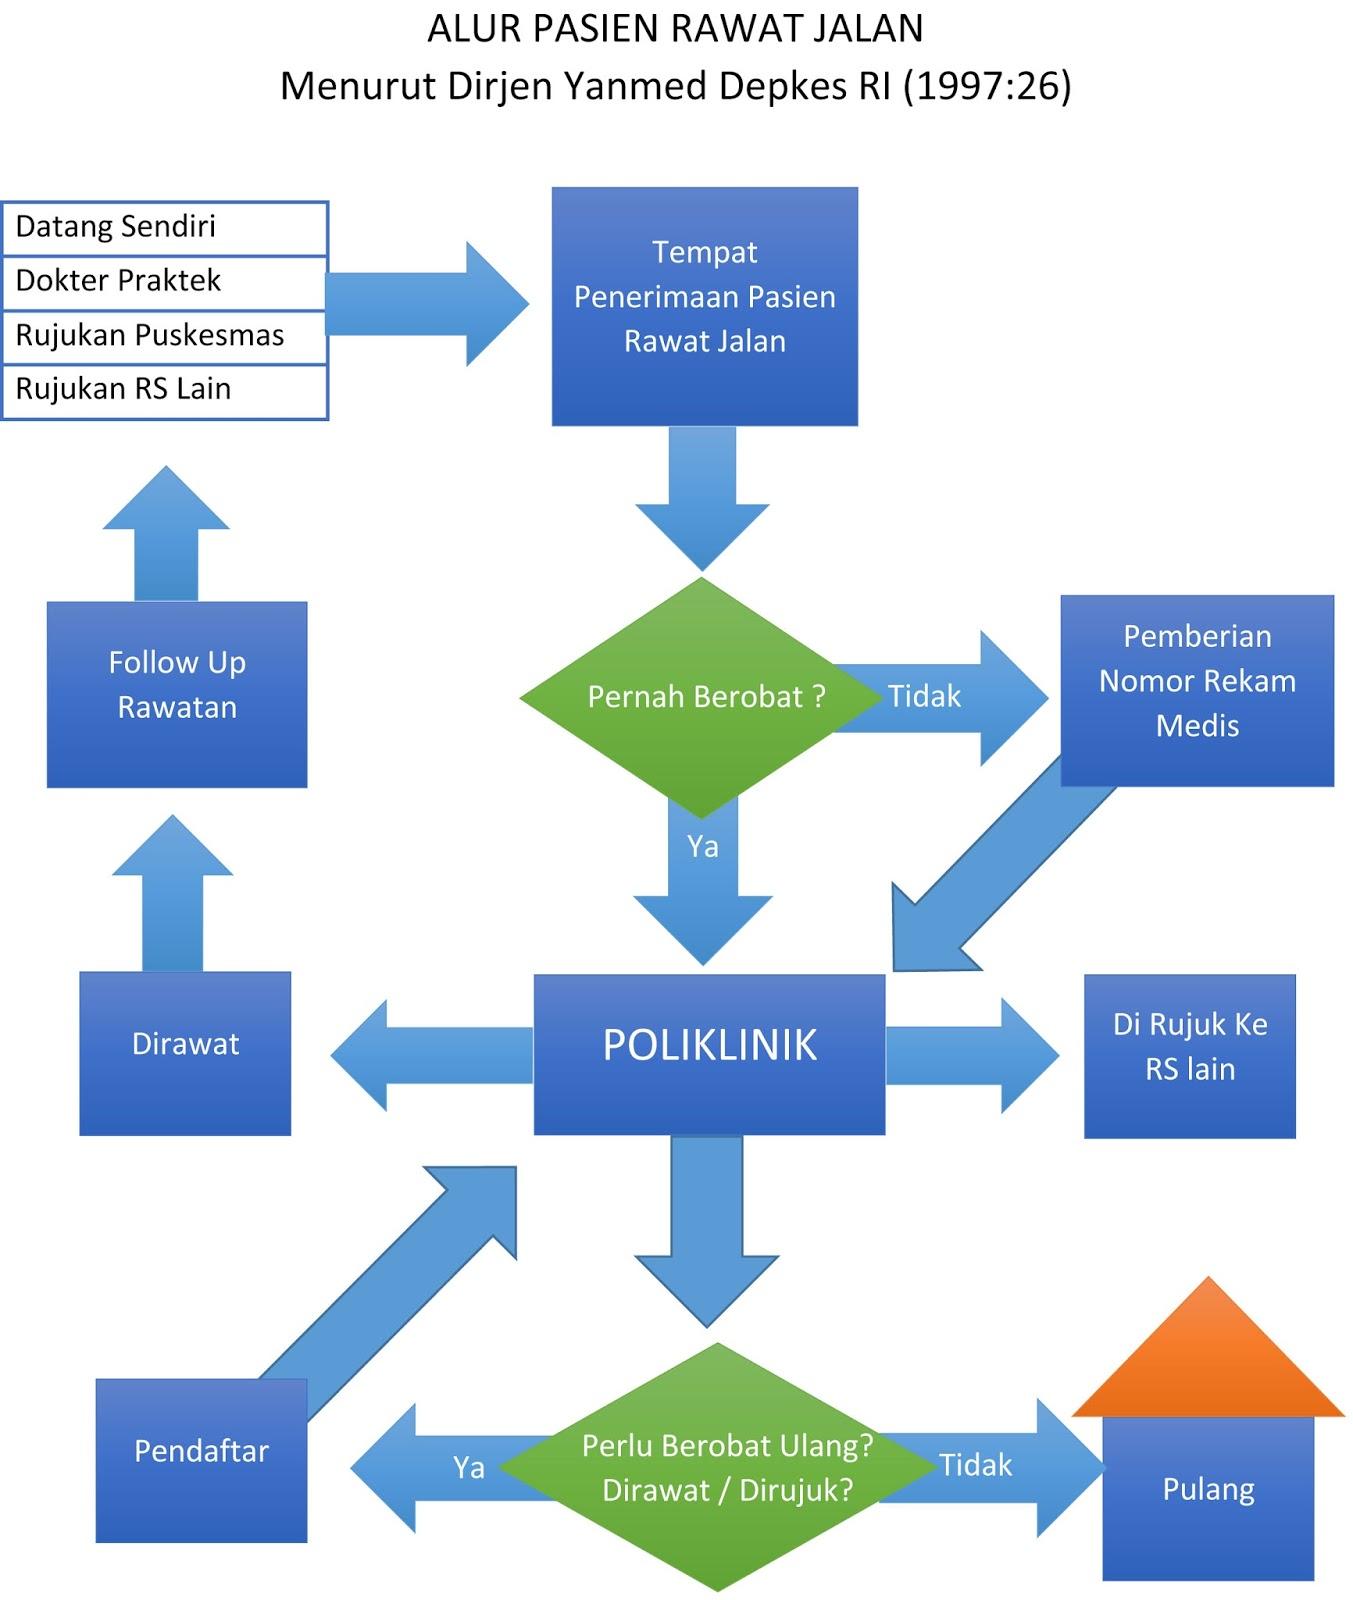 irsa22 prosedur penerimaan pasien rawat jalan  berdasarkan bagan alur pasien di atas maka dapat disimpulkan bahwa prosedur penerimaan pasien rawat jalan adalah sebagai berikut